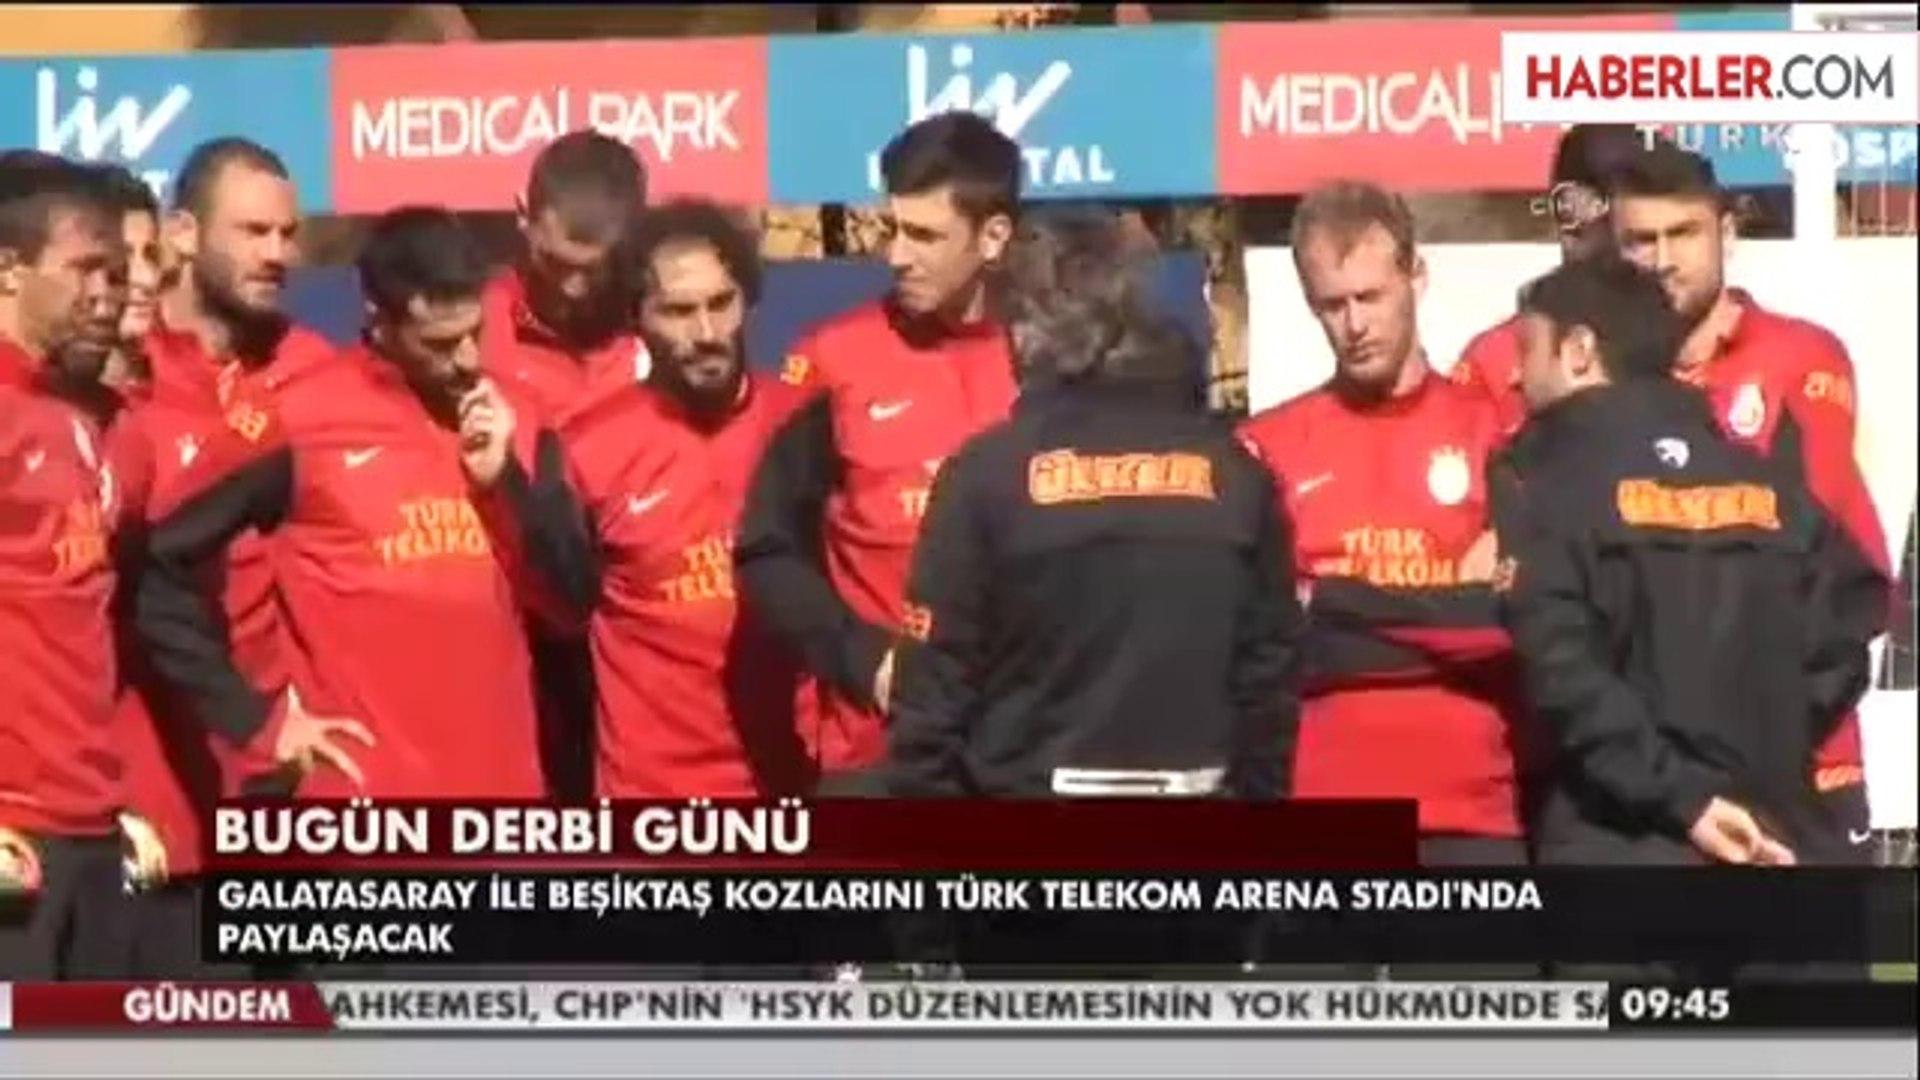 Galatasaray Beşiktaş Maçı Canlı İzle (22 Şubat 2014) Şifresiz Lig Tv İzle (Gs-Bjk Şifresiz Maç İzle)